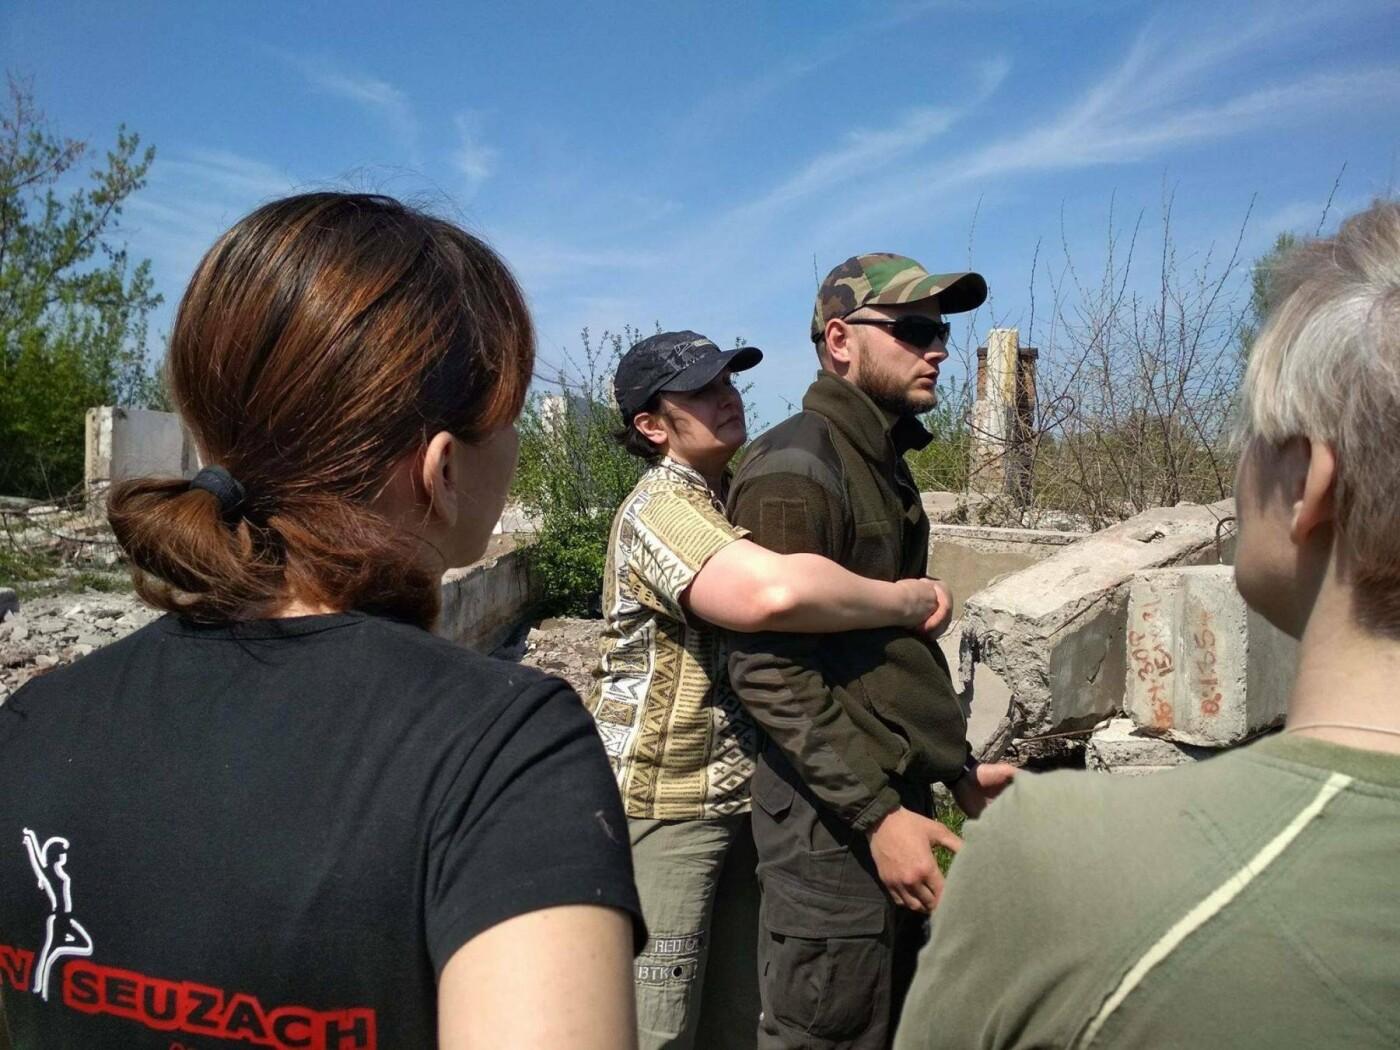 Бойцы АТО обучили криворожанок самообороне и оказывать медицинскую помощь в экстренных ситуациях  (ФОТО), фото-32